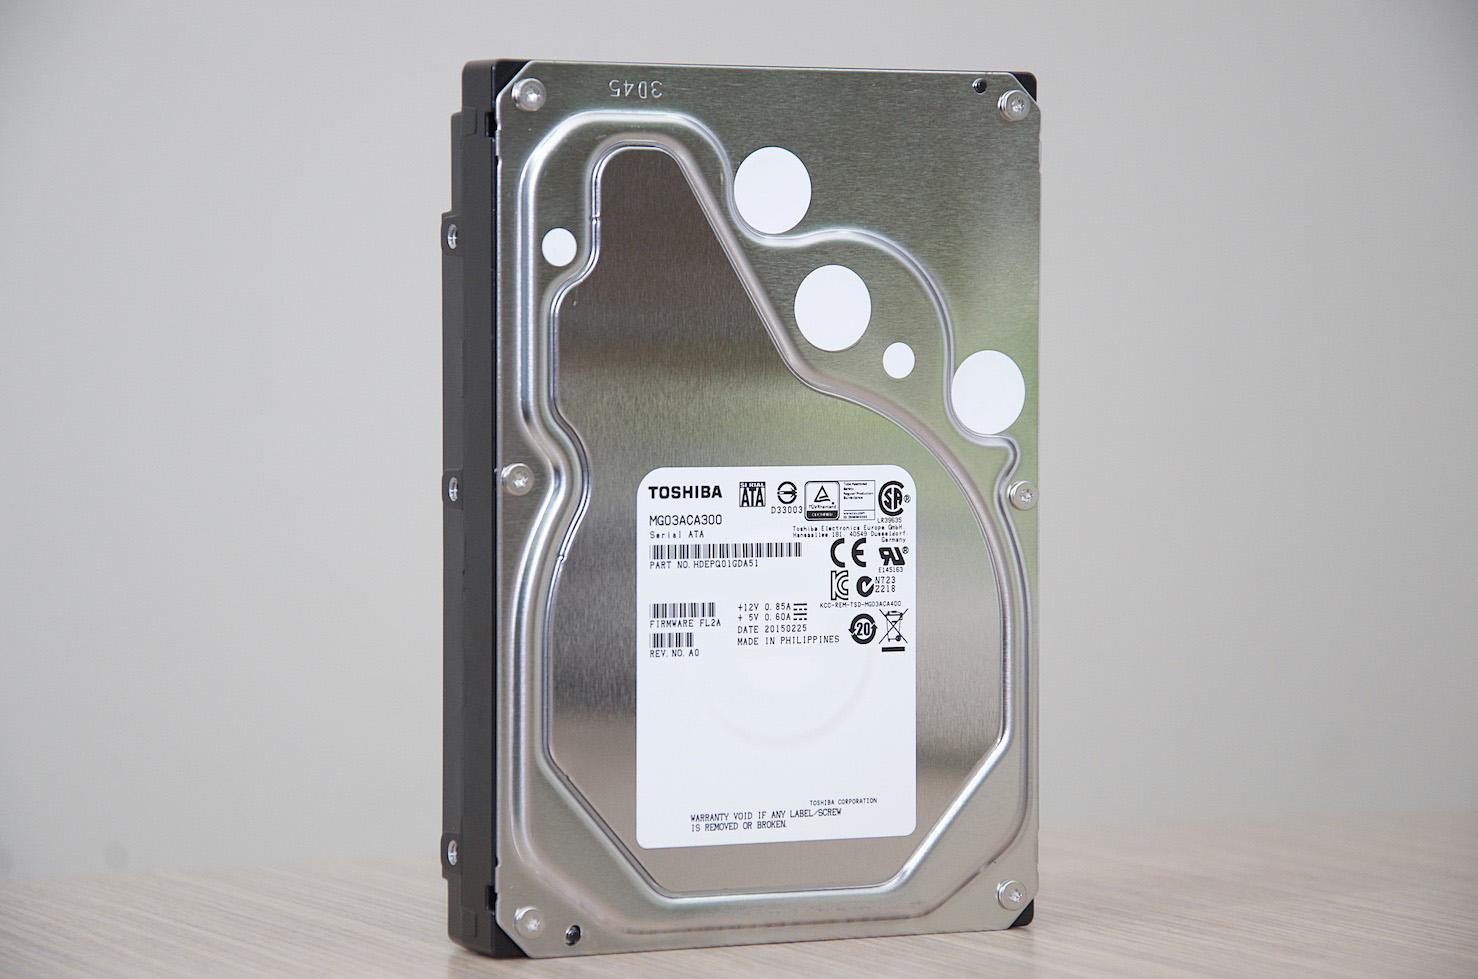 全新TOSHIBA 3.5吋 SATAIII 3TB 7200轉 企業級硬碟 – MG03ACA300(已售完)